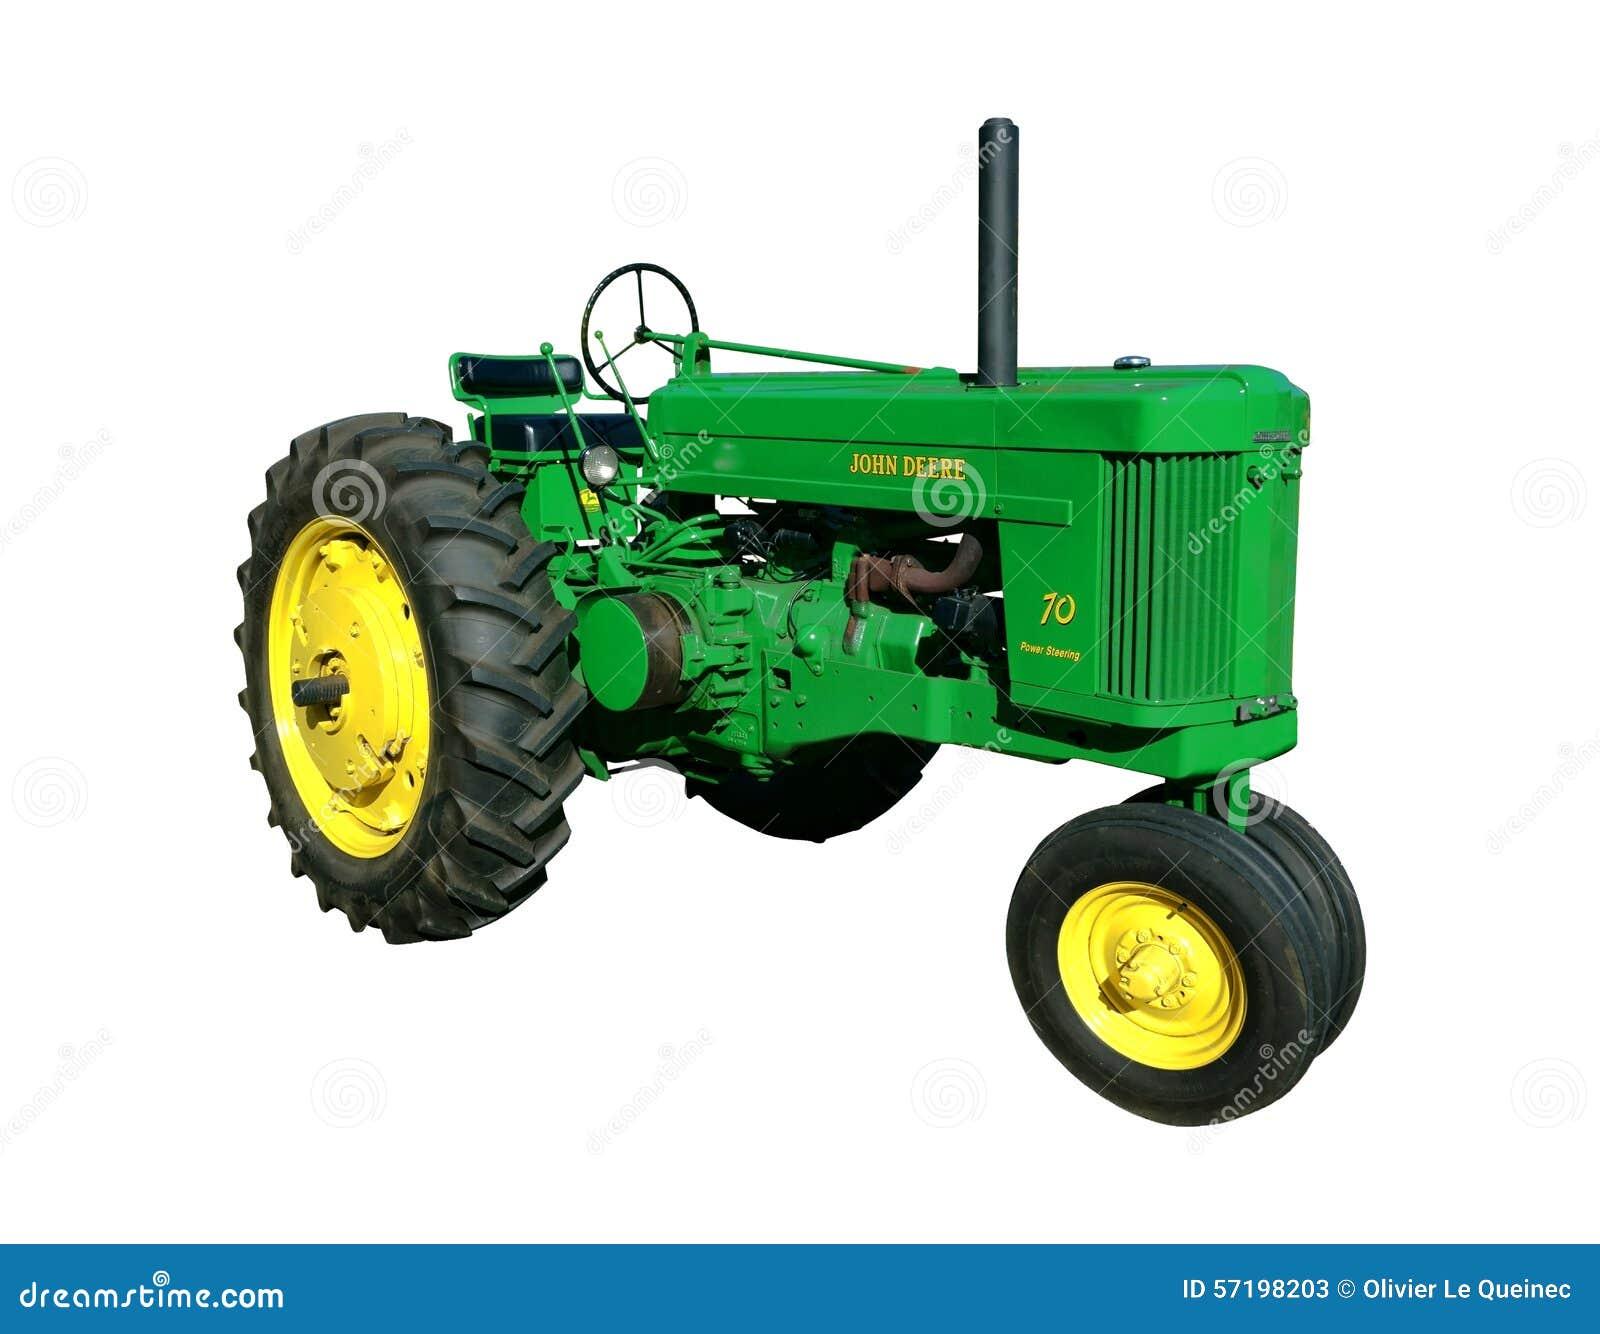 Old John Deere Tractors : John deere vintage agriculture tractor editorial stock